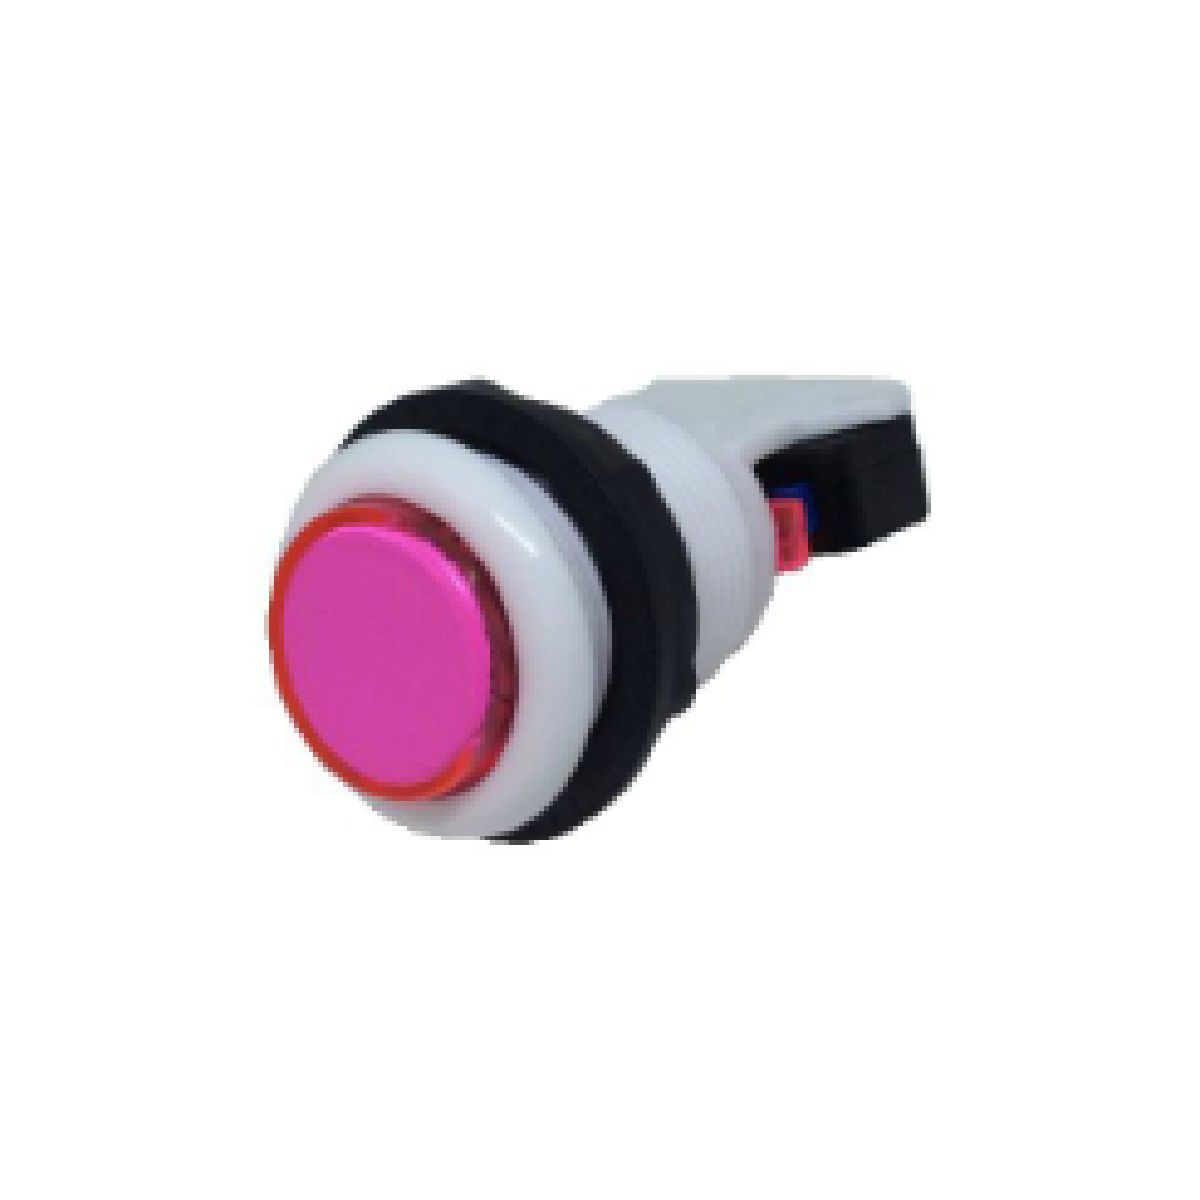 Botão Aegir Arcade Acrílico  Branco com Micro Switch Rosa